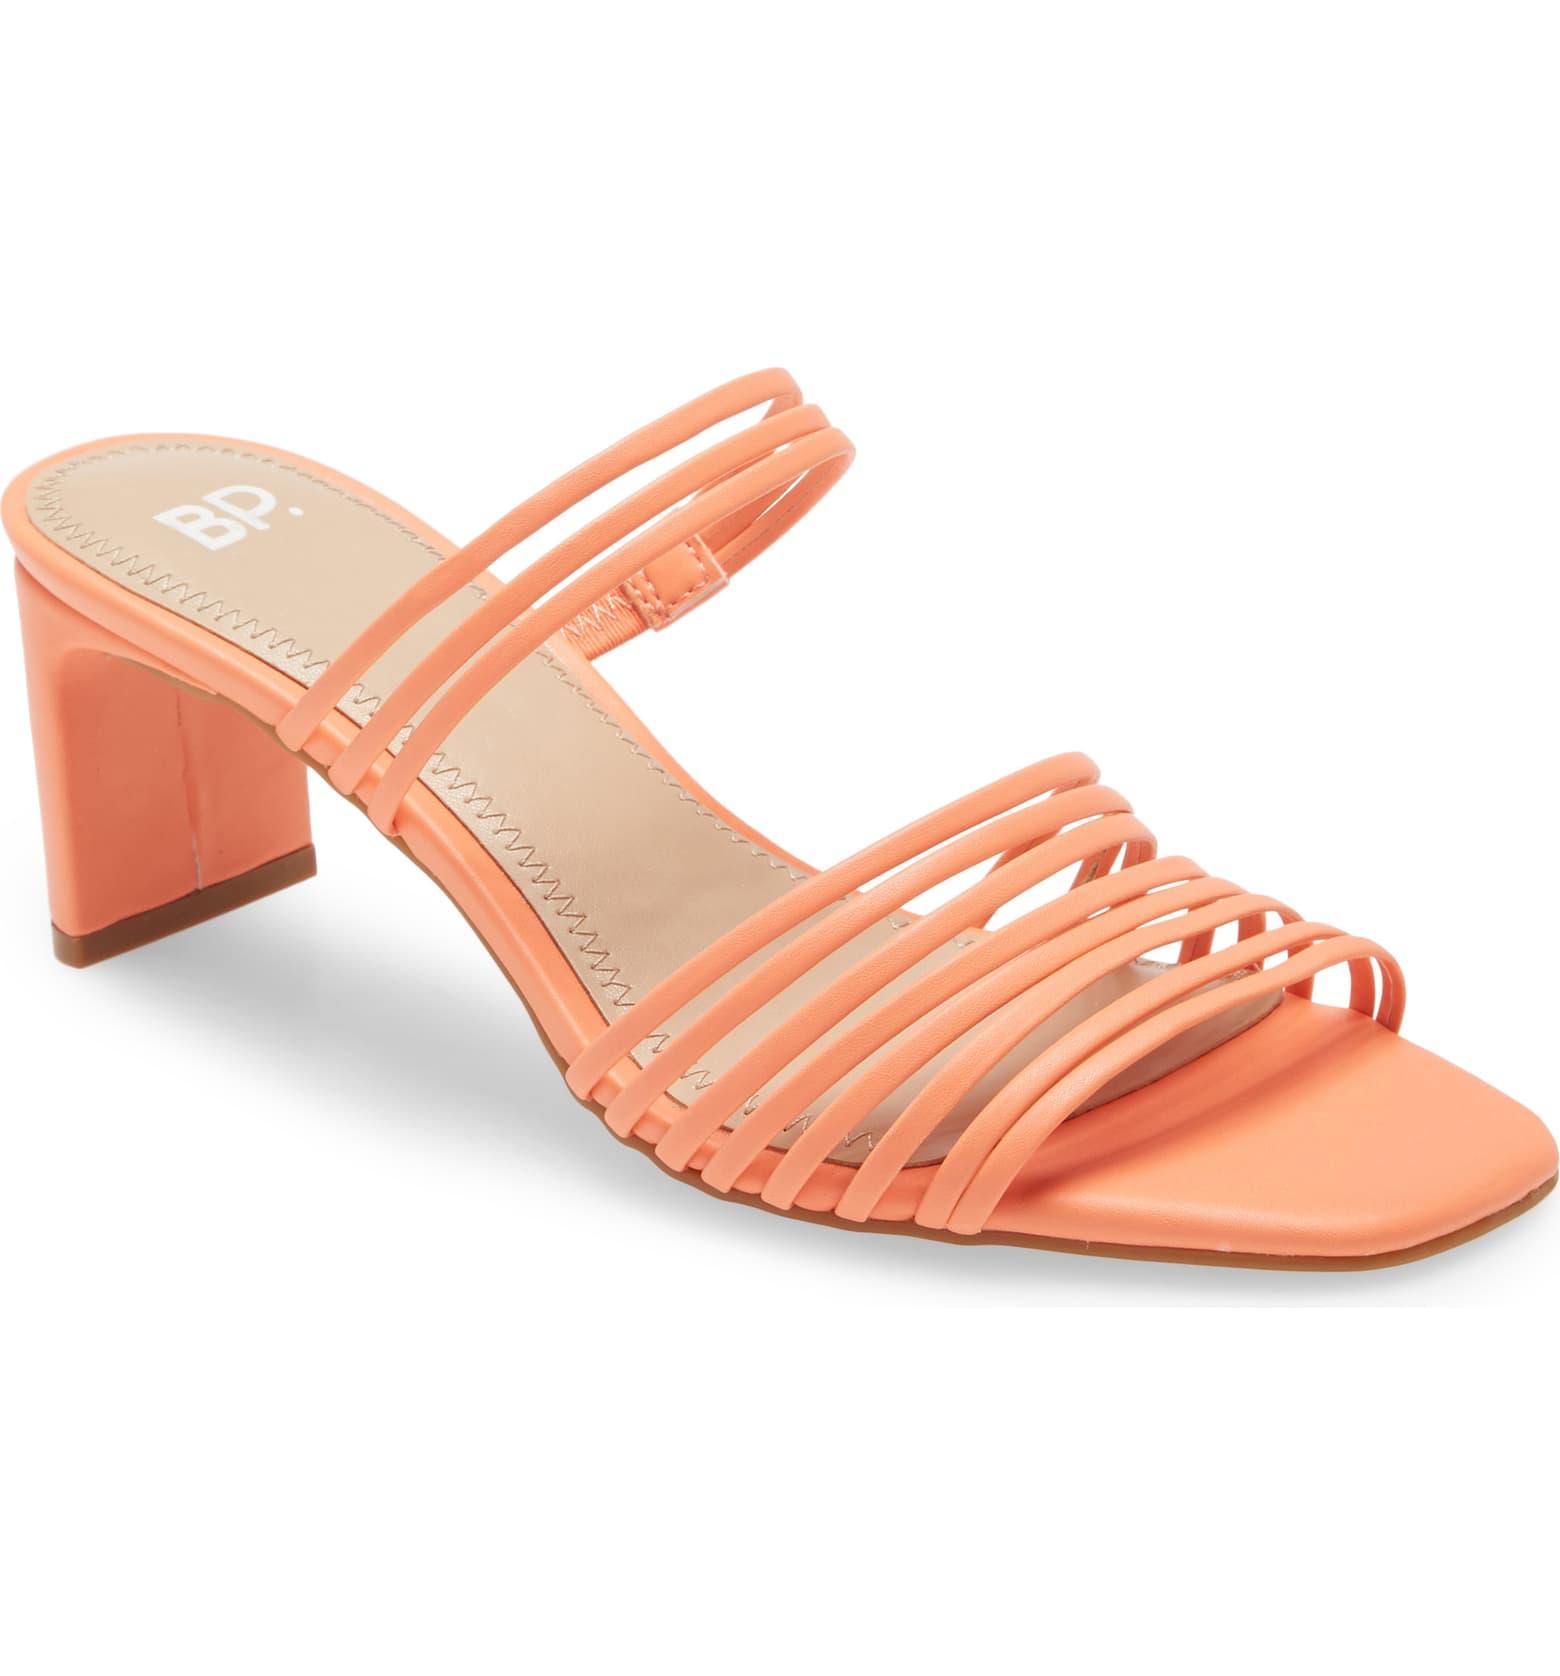 Nordstrom heels,verano